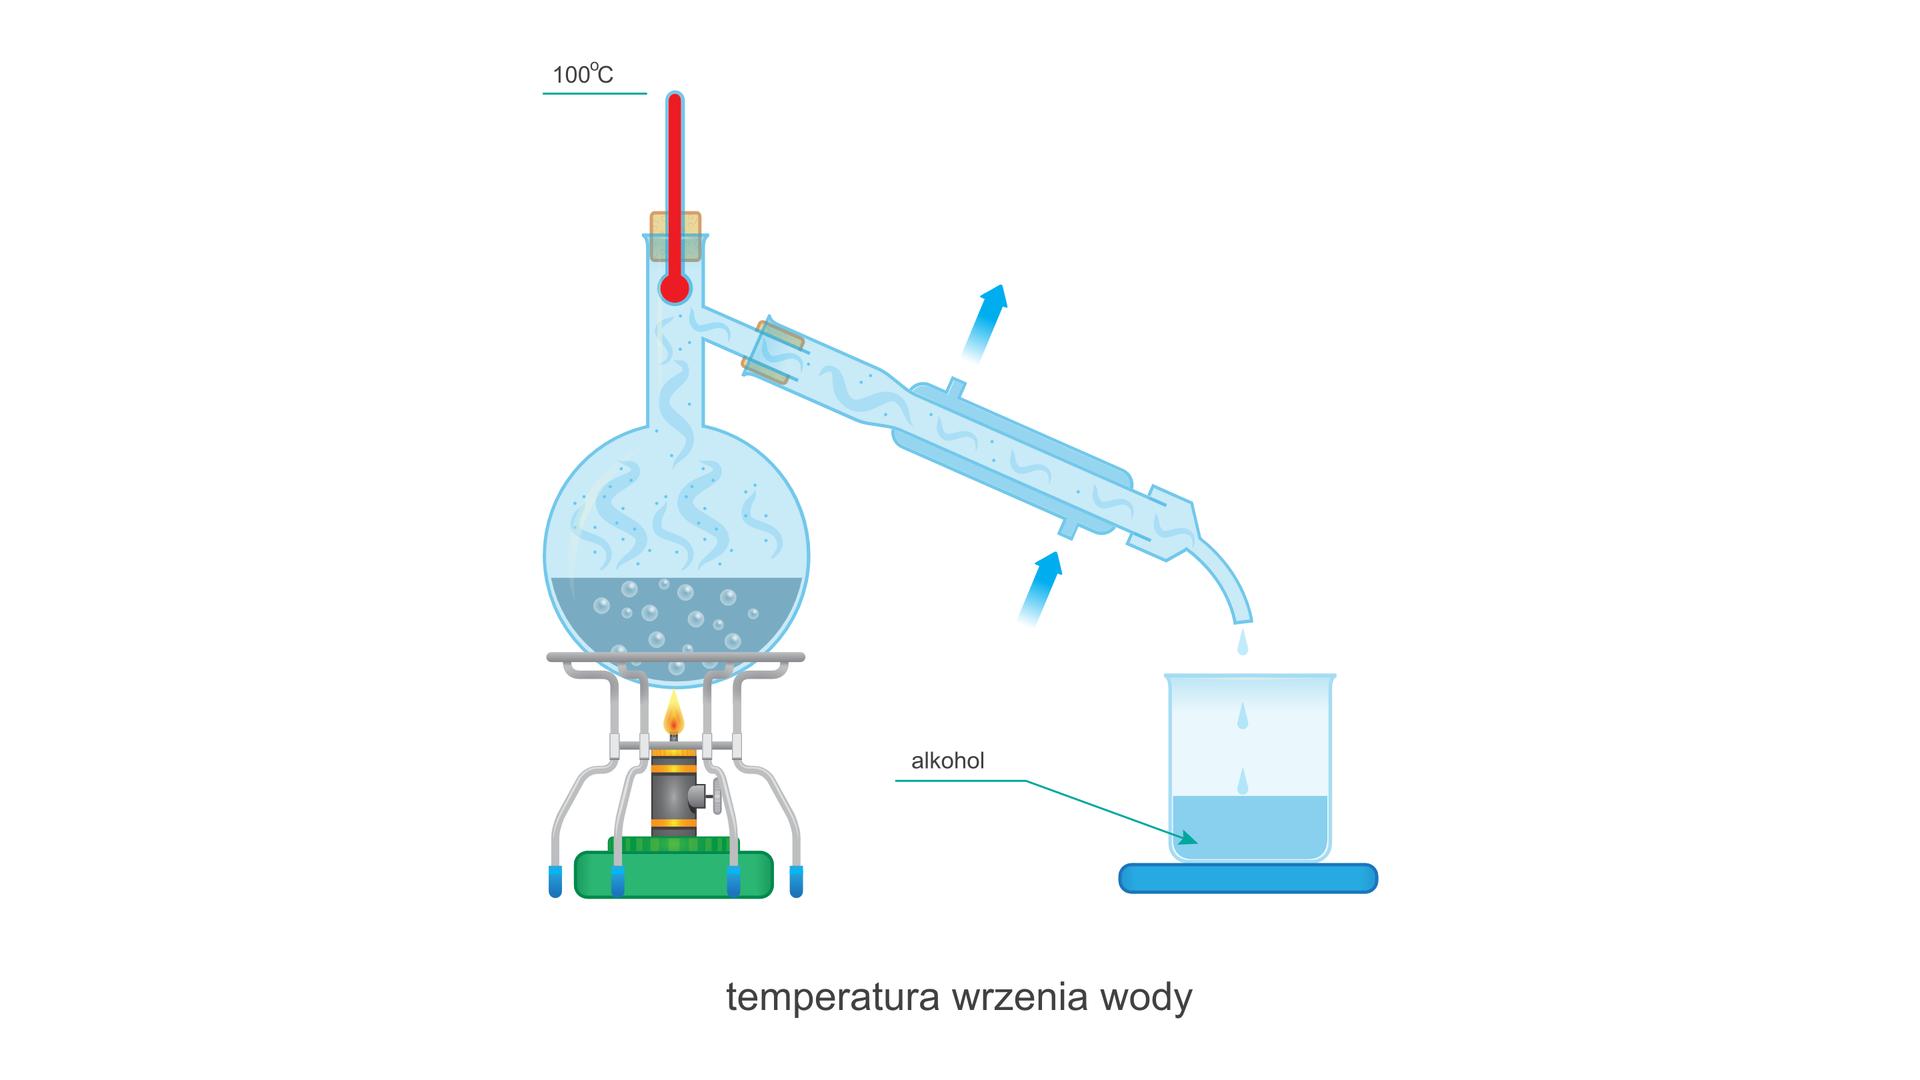 Ilustracja przedstawia zestaw do destylacji zwłączonym palnikiem. Termometr wkolbie wskazuje temperaturę 100 stopni Celsjusza. Przy przyłączach wody wkolbie znajdują się strzałki określające kierunek przepływu wody. Dolne przyłącze pełni rolę wlotu, agórne wylotu. Zkońca wylotowego chłodnicy do zlewki kapią krople cieczy zbierającej się wzlewce. Płyn ten oznaczony jest jako: alkohol. Cały rysunek nosi podpis: temperatura wrzenia wody.